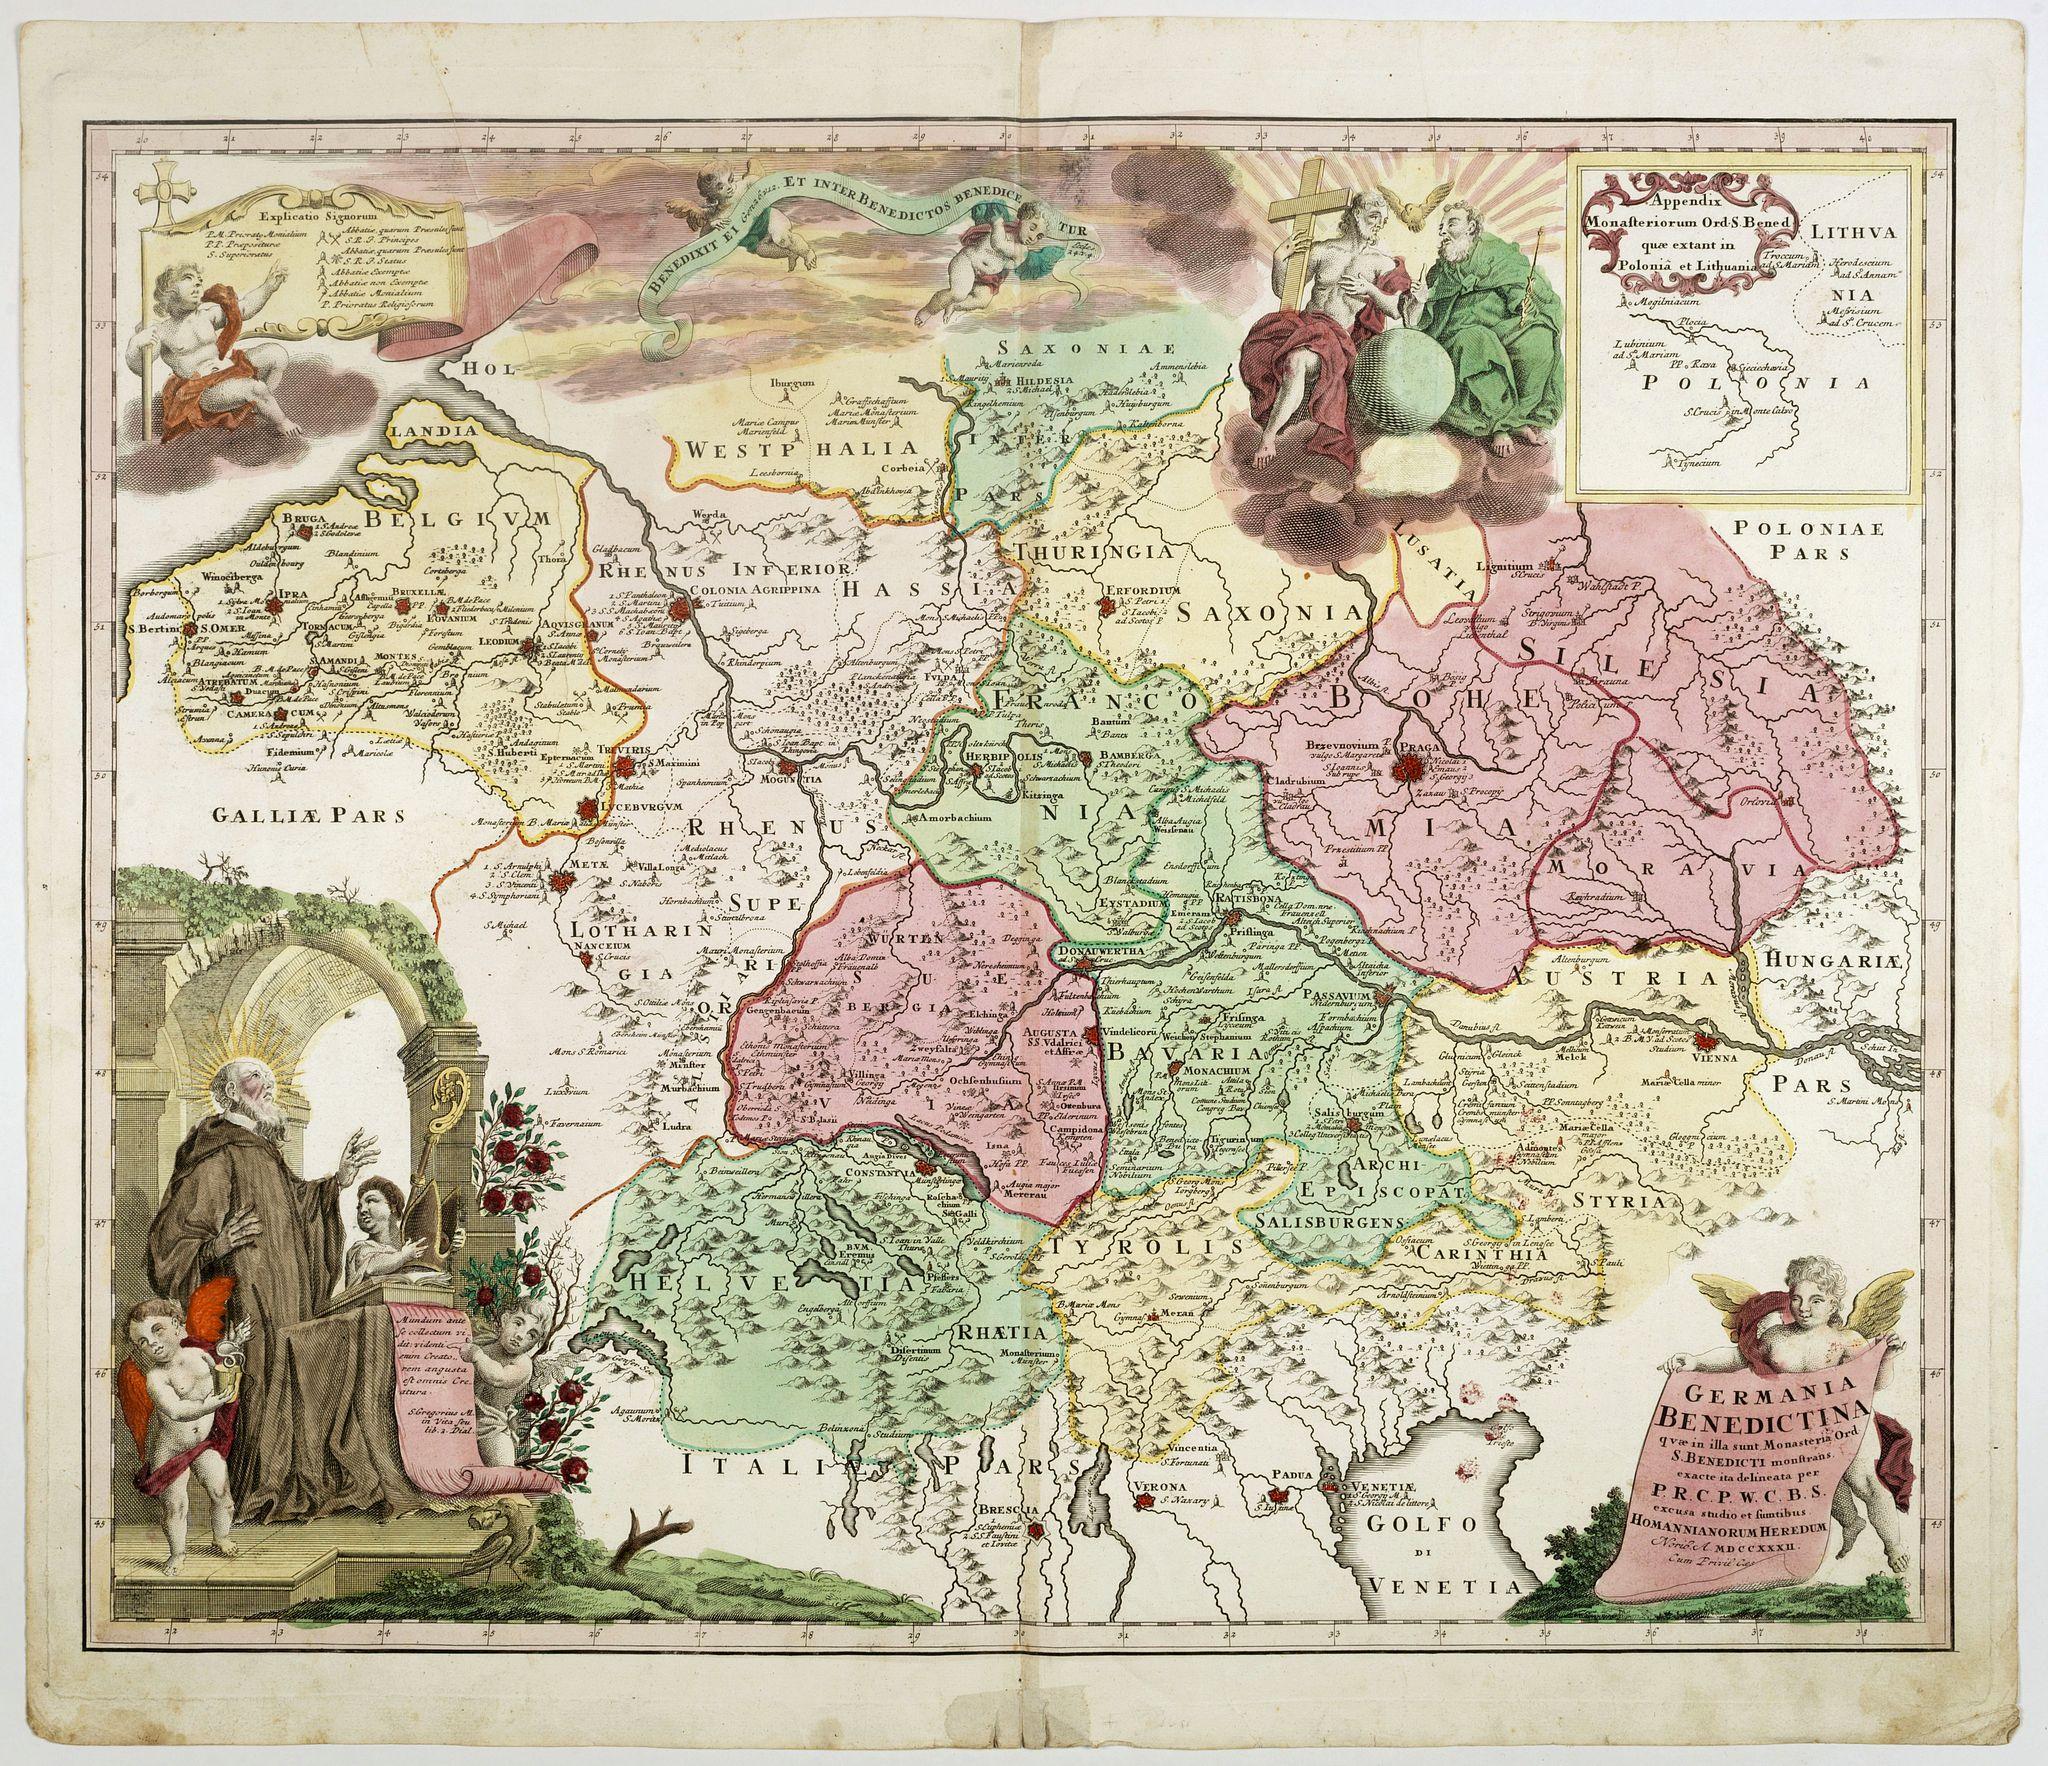 HOMANN, J.B. -  Germania Benedictina quae in illa sunt, Monasteria Ord. S. Benedicti monstrans. . .